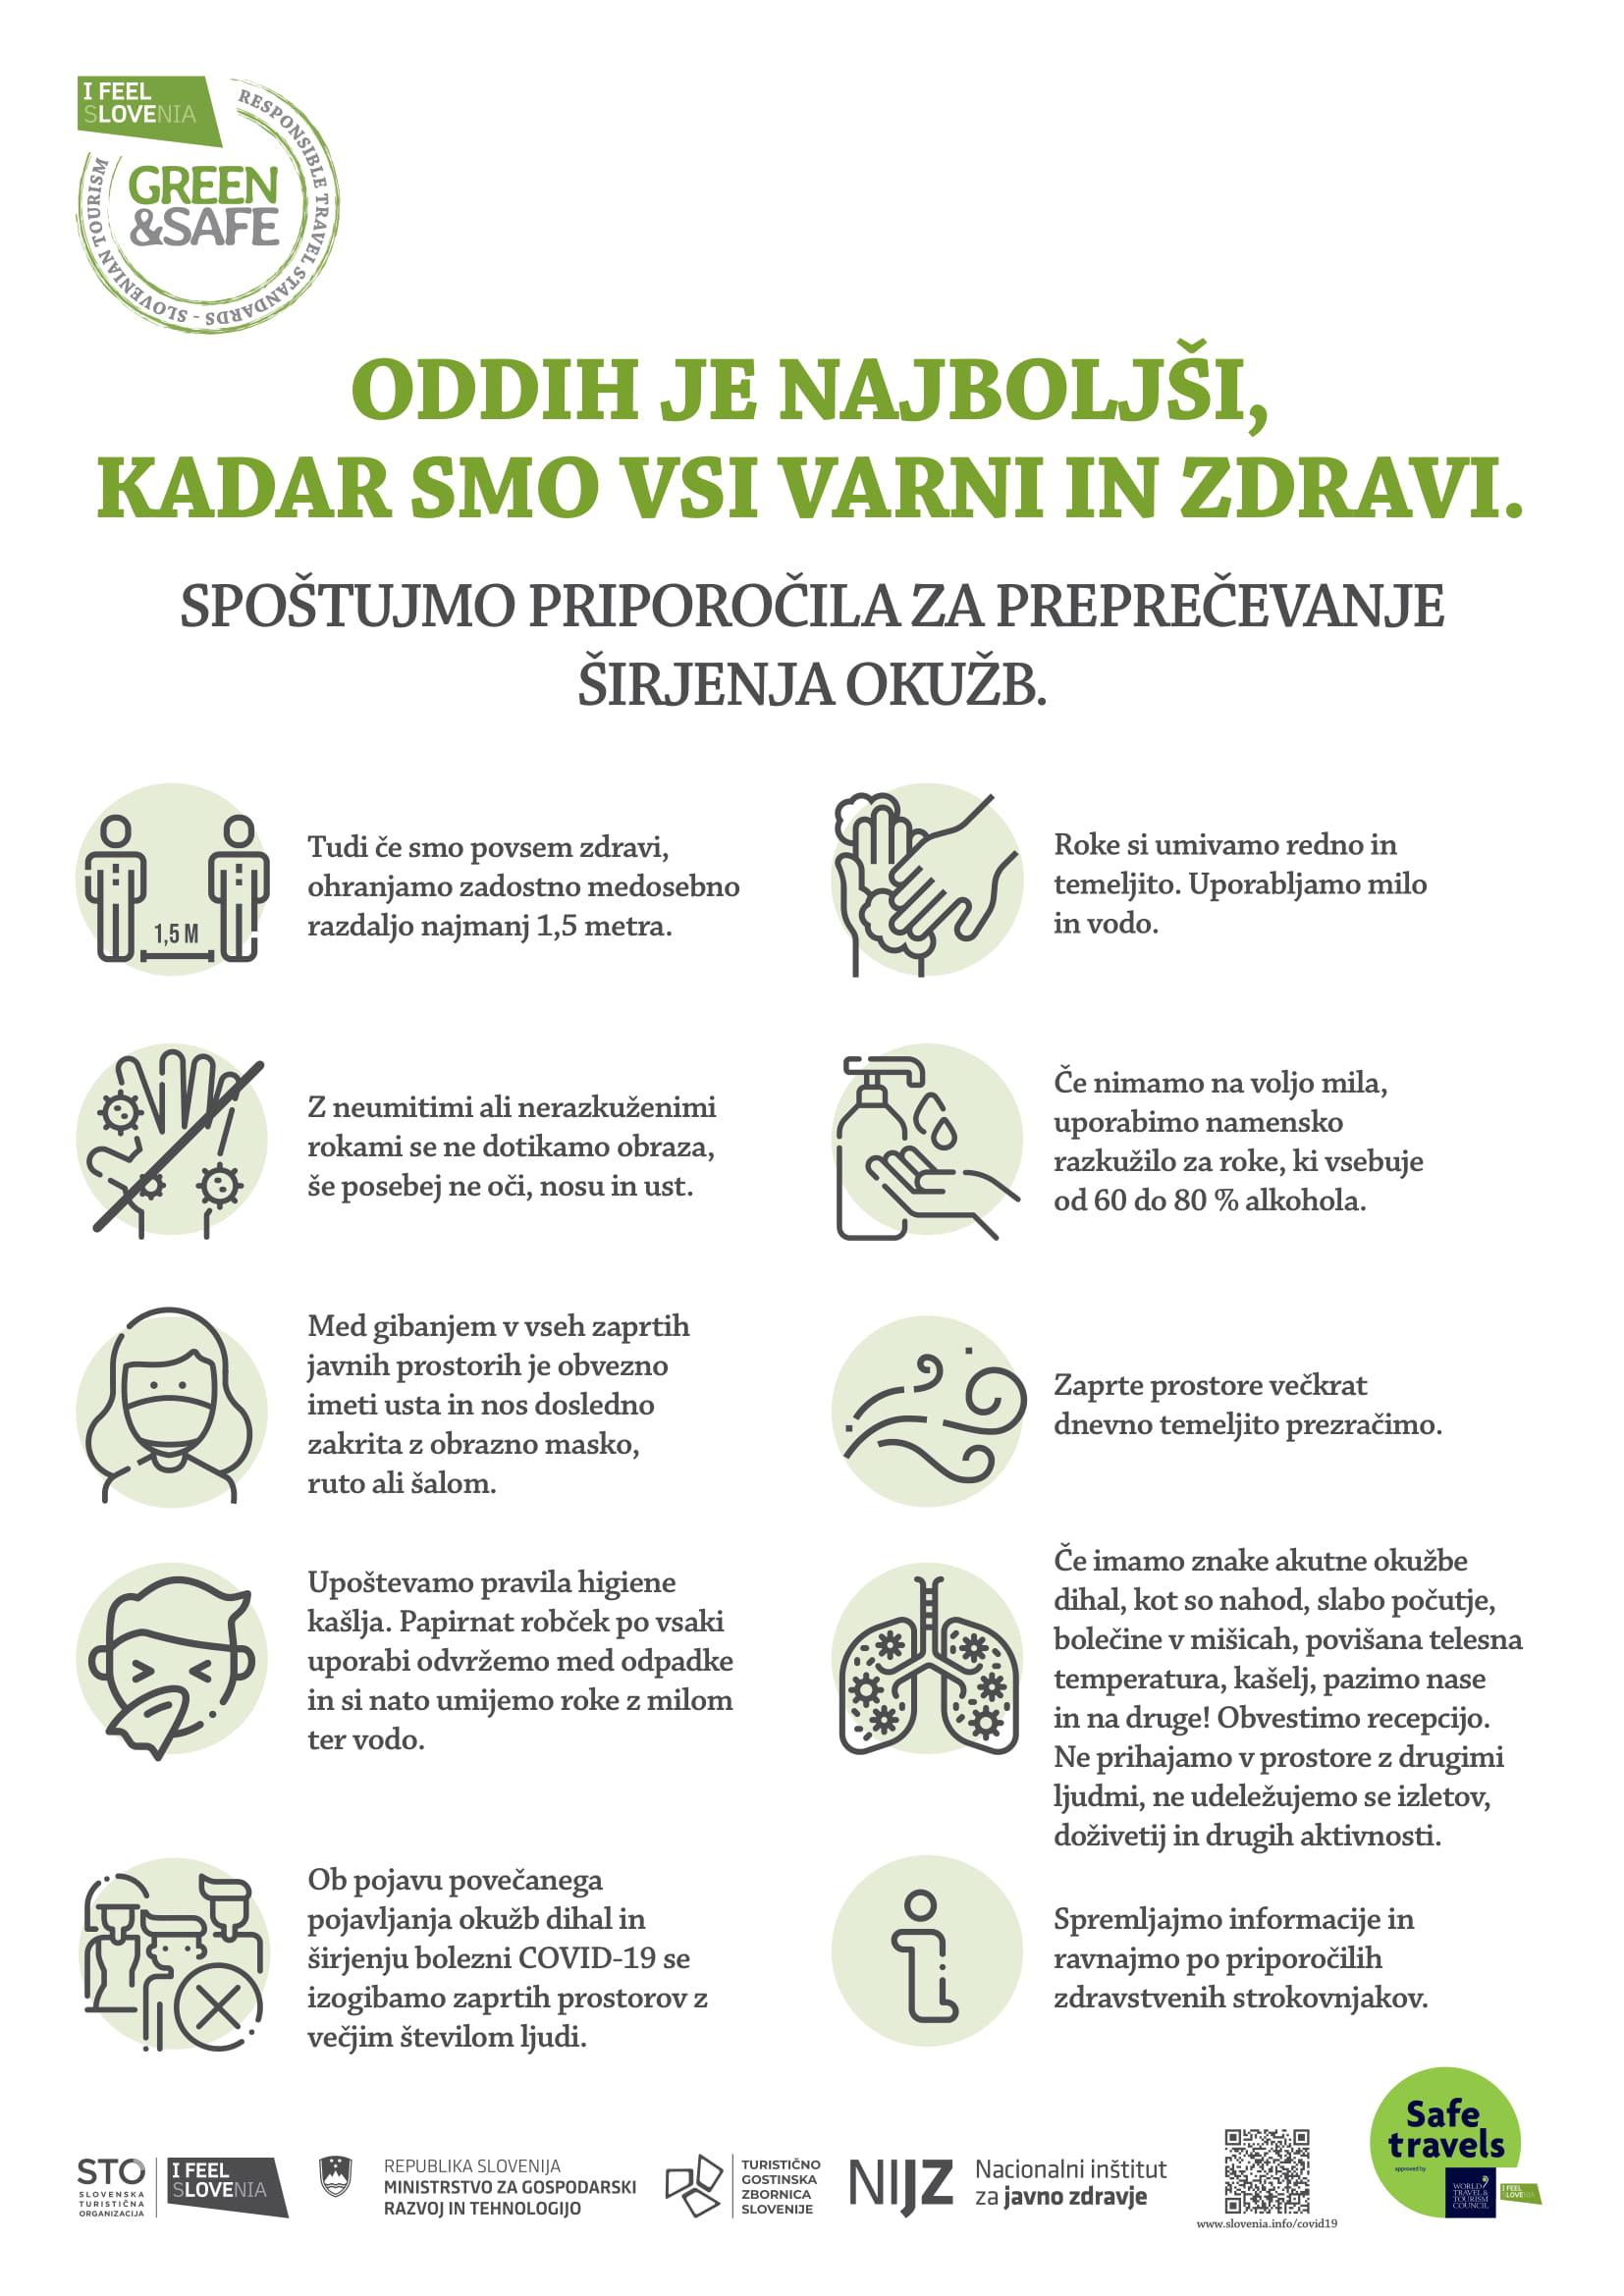 Priporocila_za_preprecevanje_sirjenja_okuzb_Savinjska_Green_Safe_Destination_Covid_Slovenia